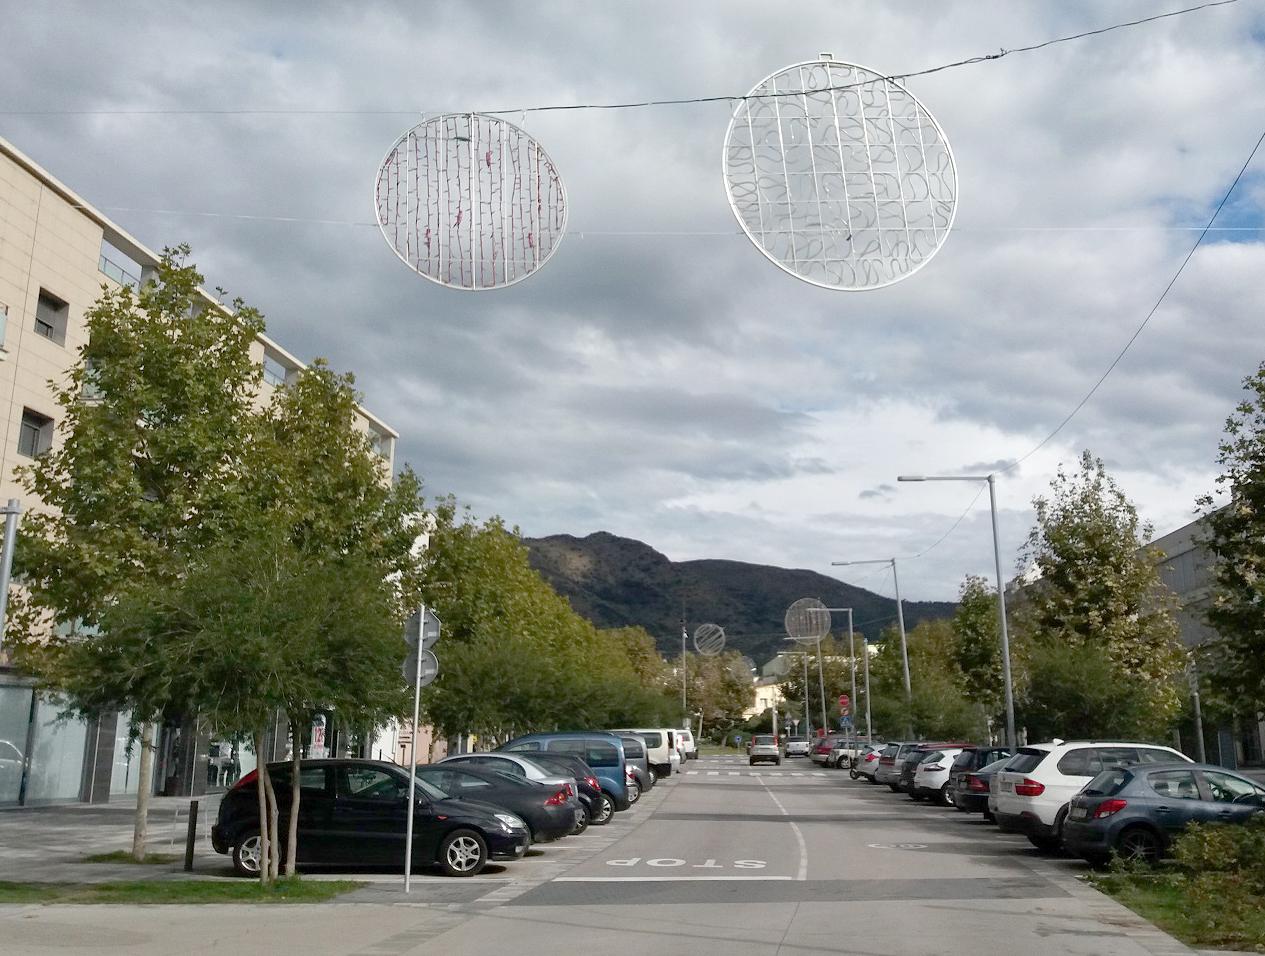 Roses il·luminarà una seixantena de carrers i espais per Nadal, amb sistemes de baix consum